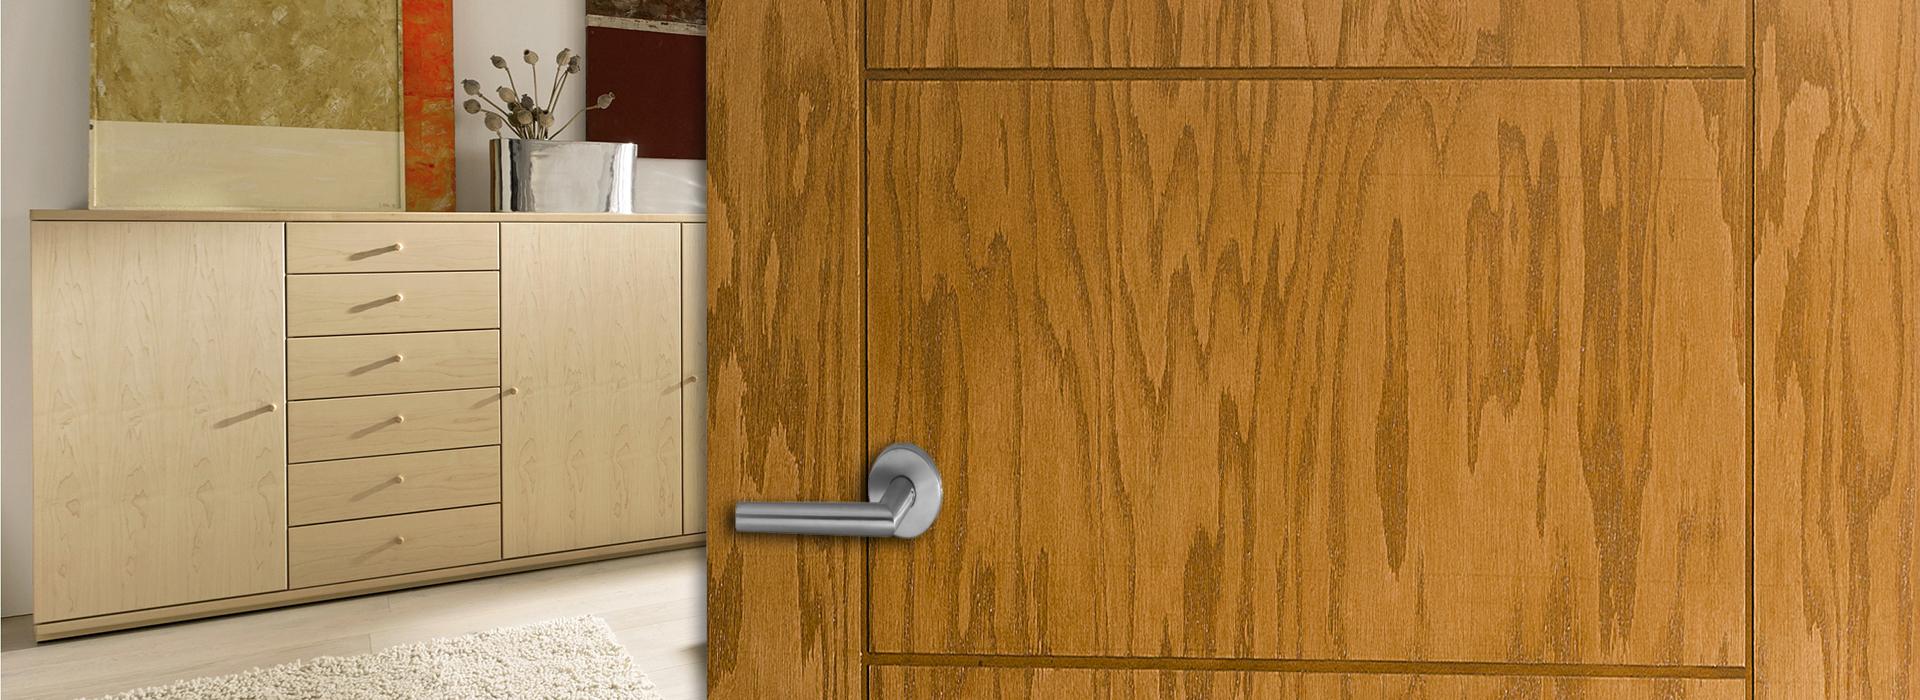 Puertas para vivienda puertas de madera ventanas de - Instalacion de puertas de madera ...